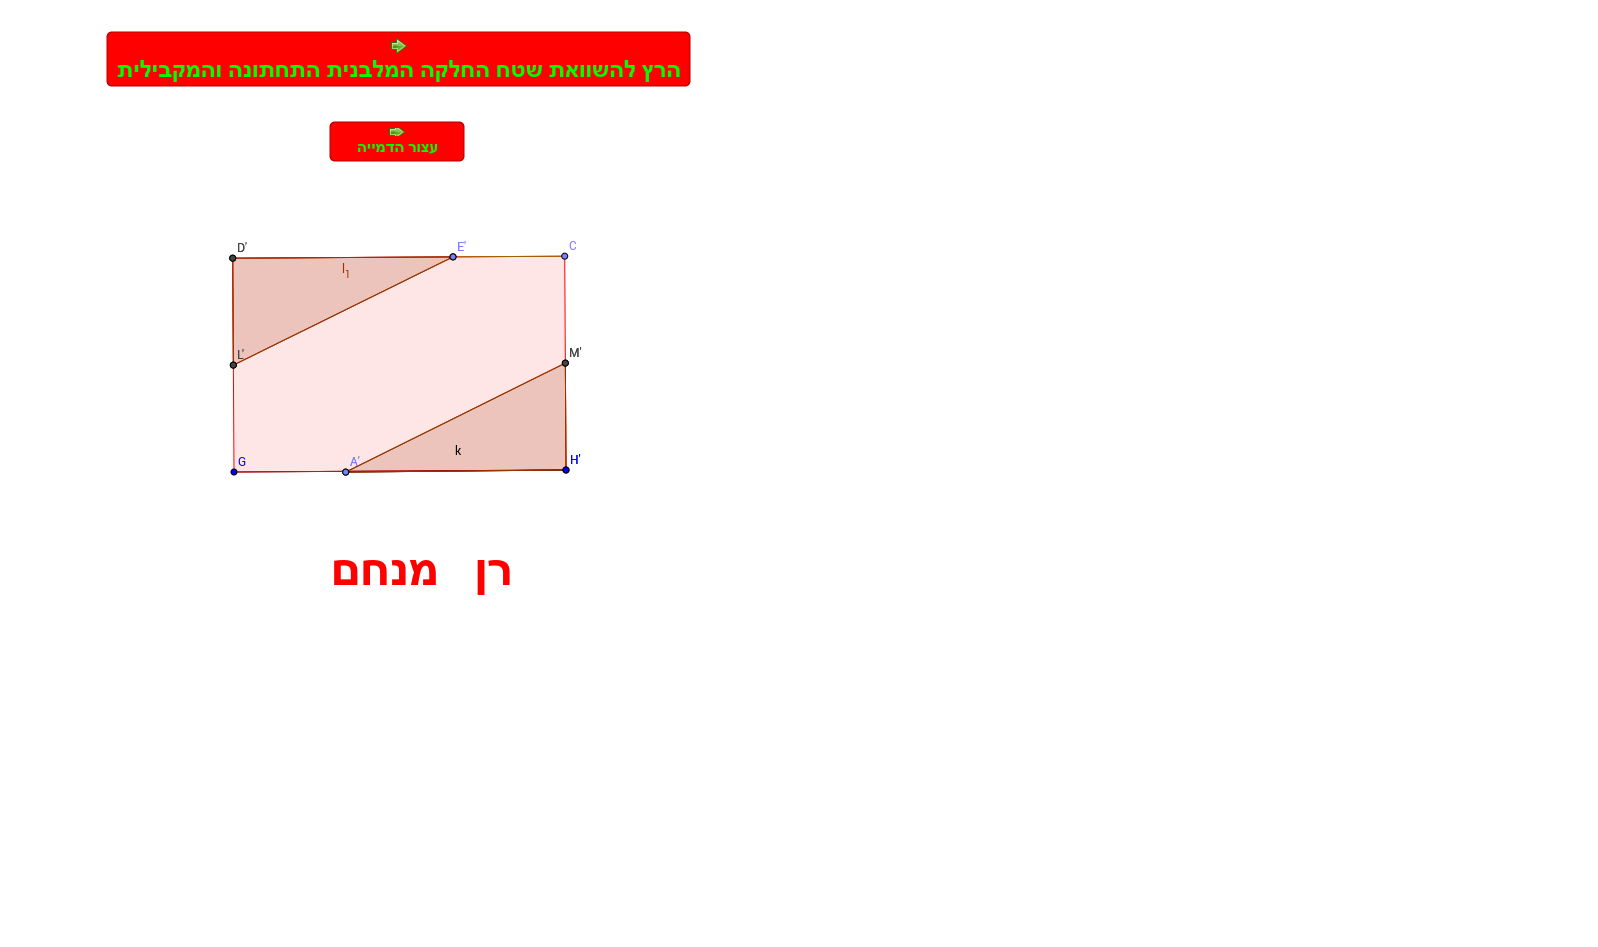 השוואת שטחים בין החלקה המלבינית התחתונה לבין המקבילית